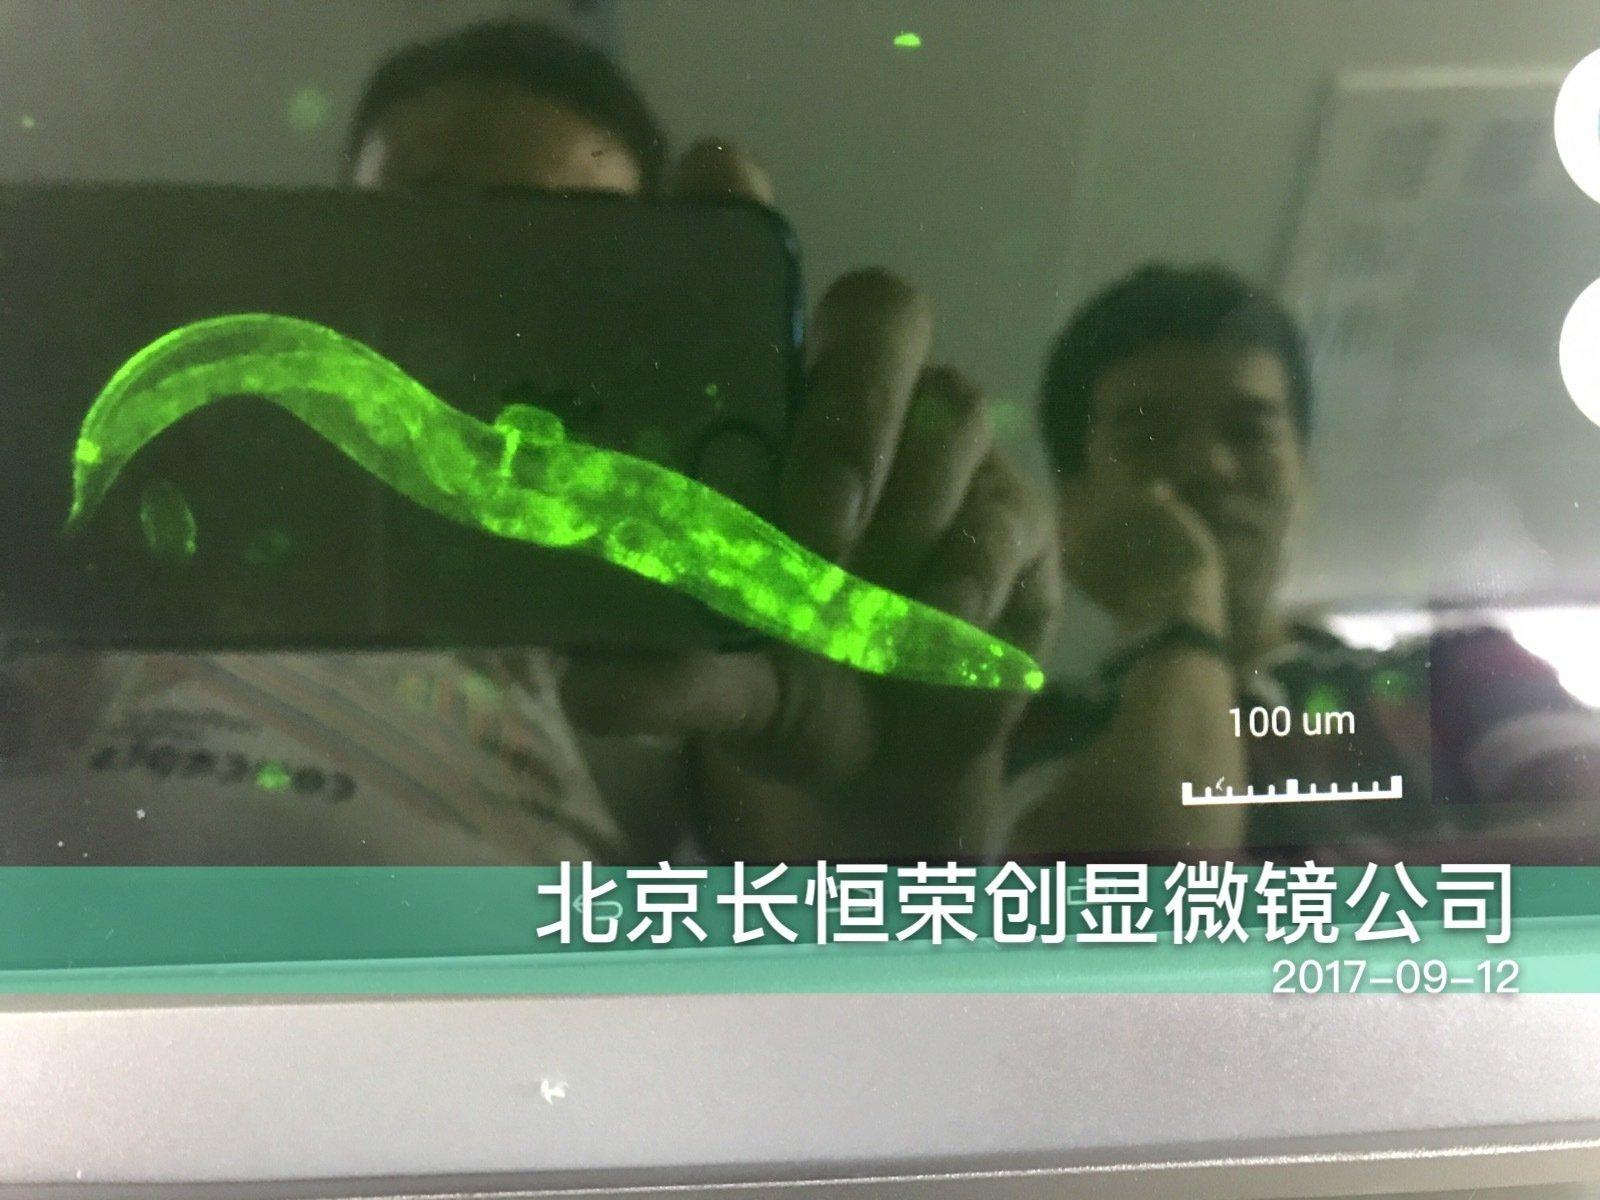 线虫、果蝇幼虫荧光转染显微拍摄效果图3